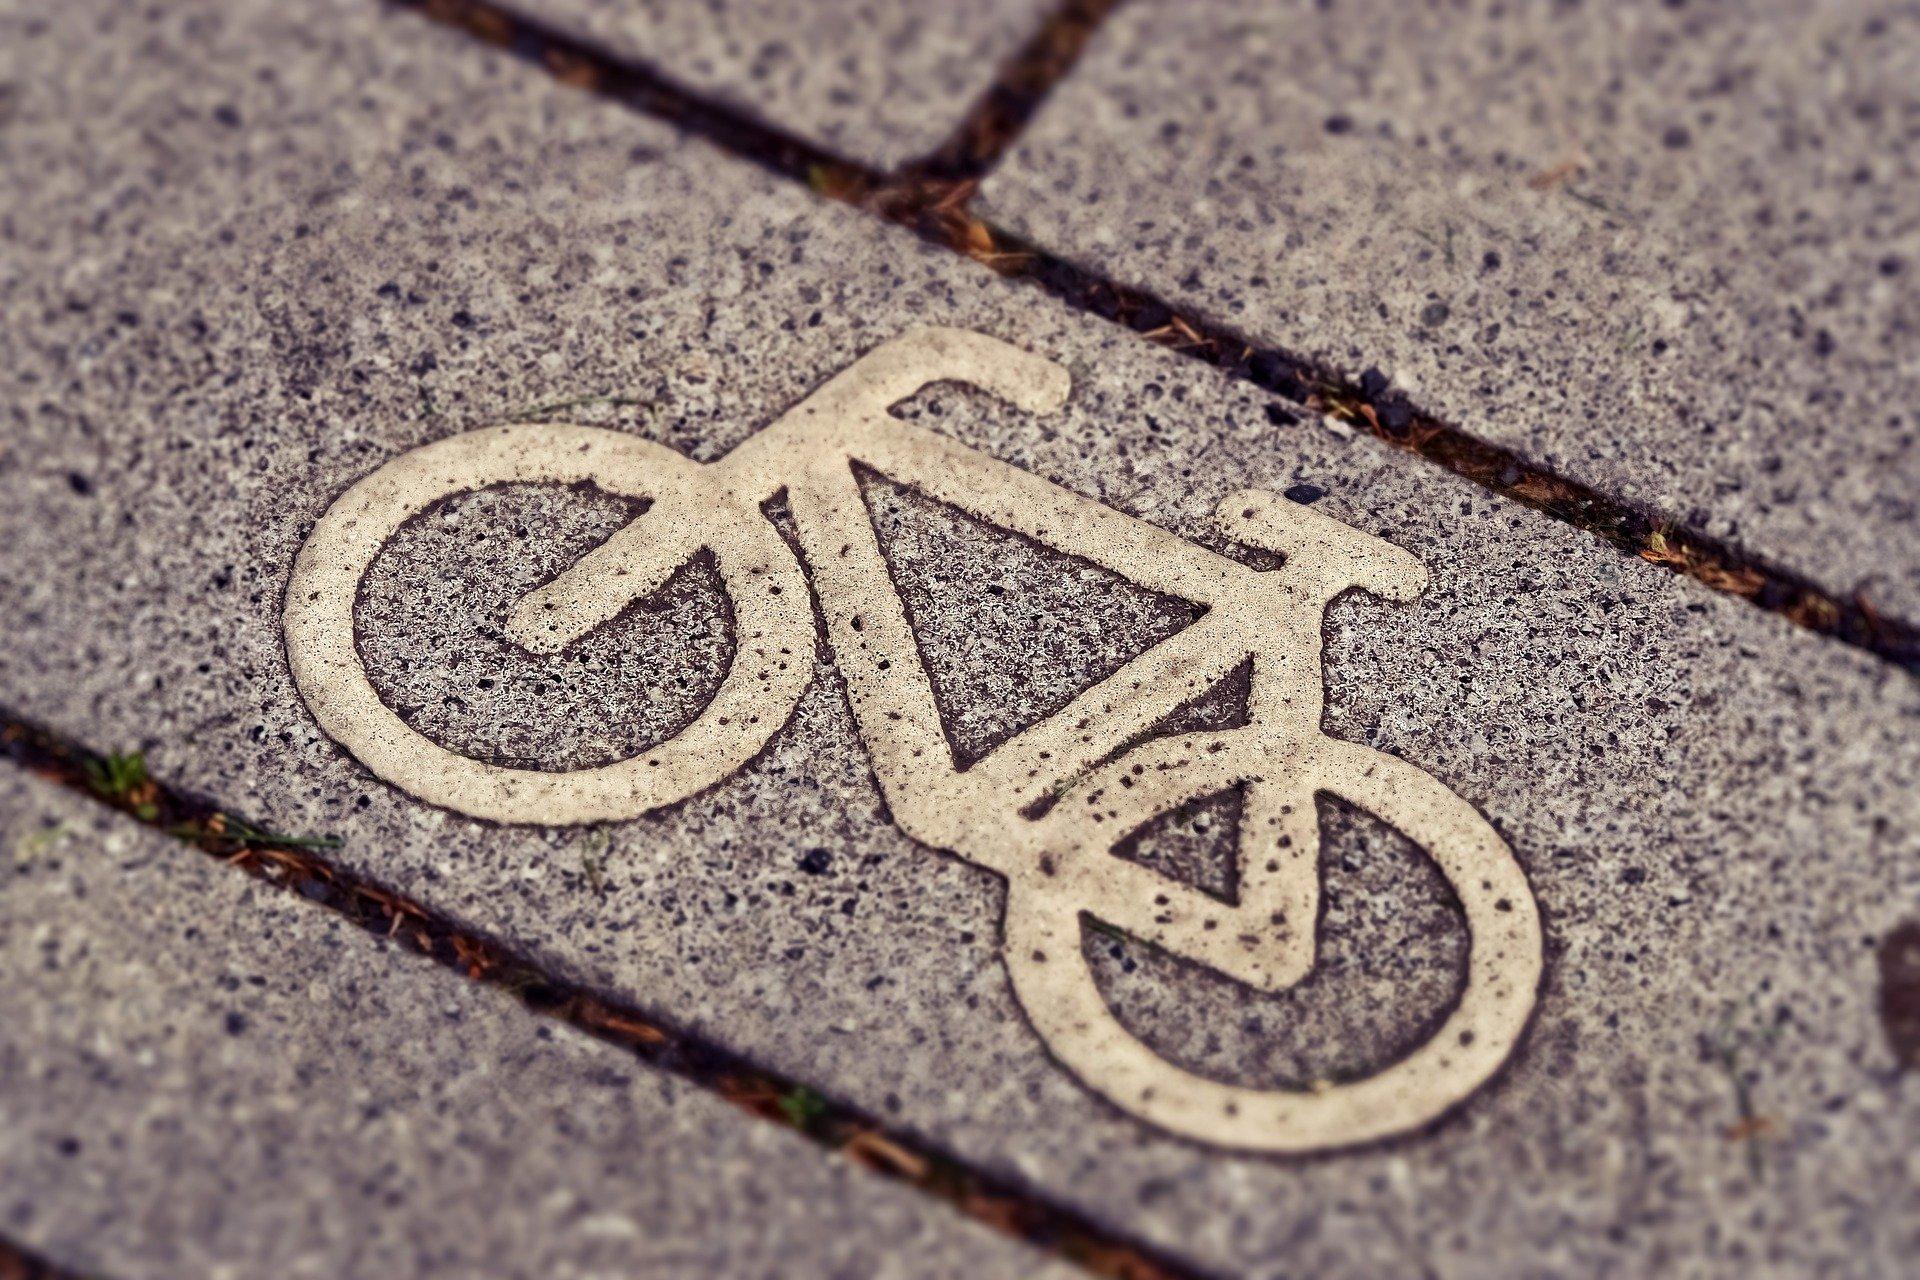 Radfahren in Gatersleben – Bitte melden Sie problematische Stellen in unserem Ort